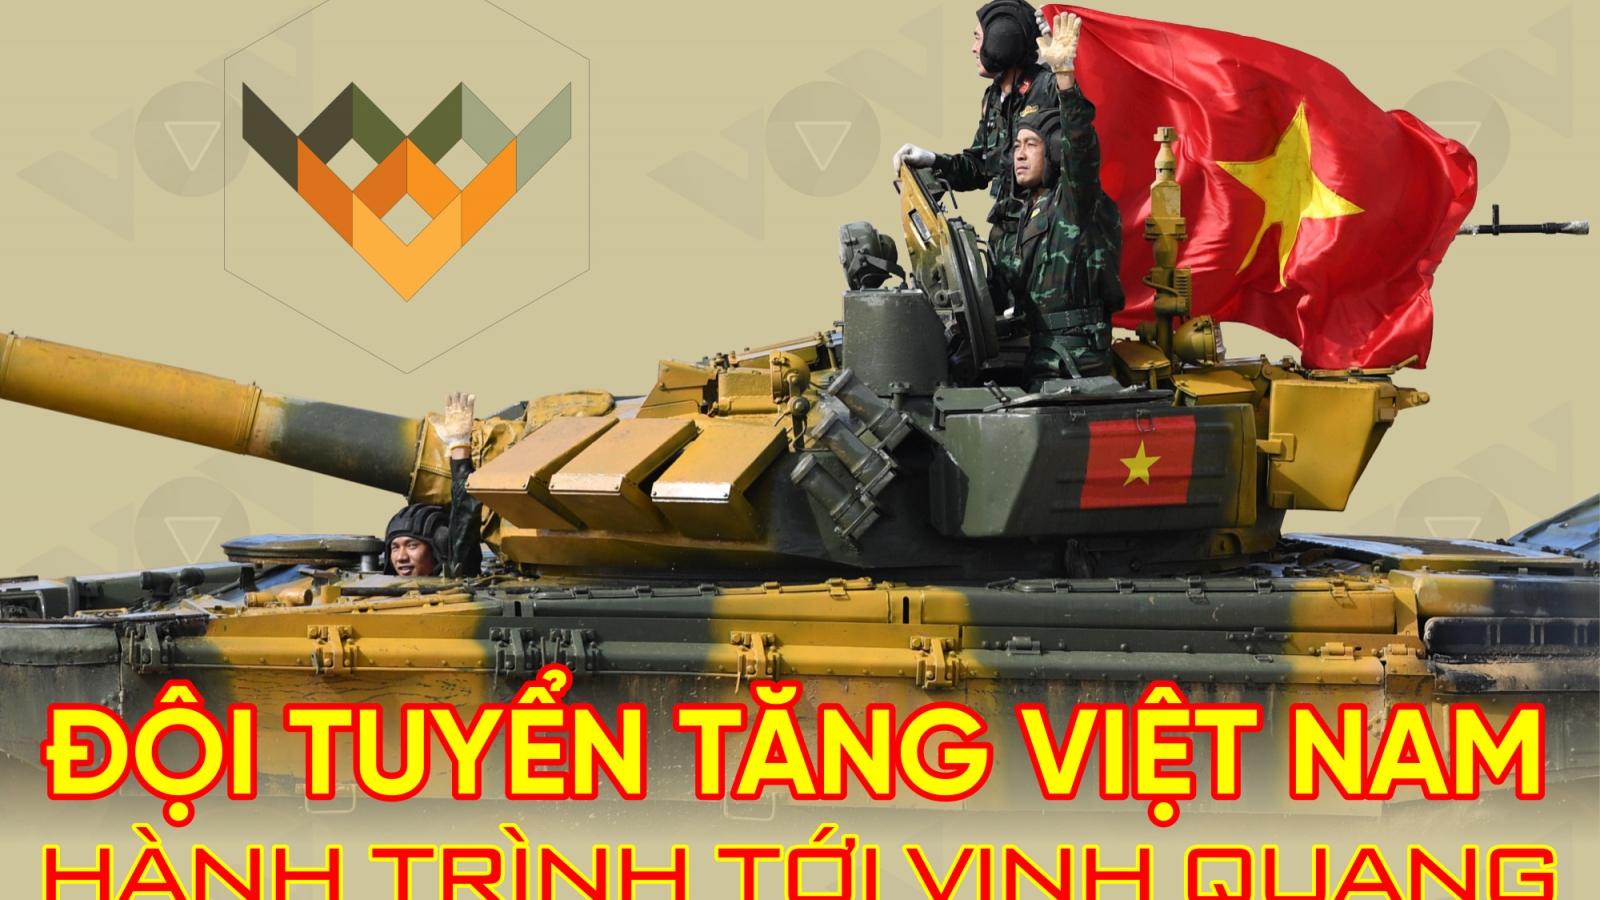 Hành trình tới vinh quang của đội tuyển xe tăng Việt Nam tại Army Games 2020